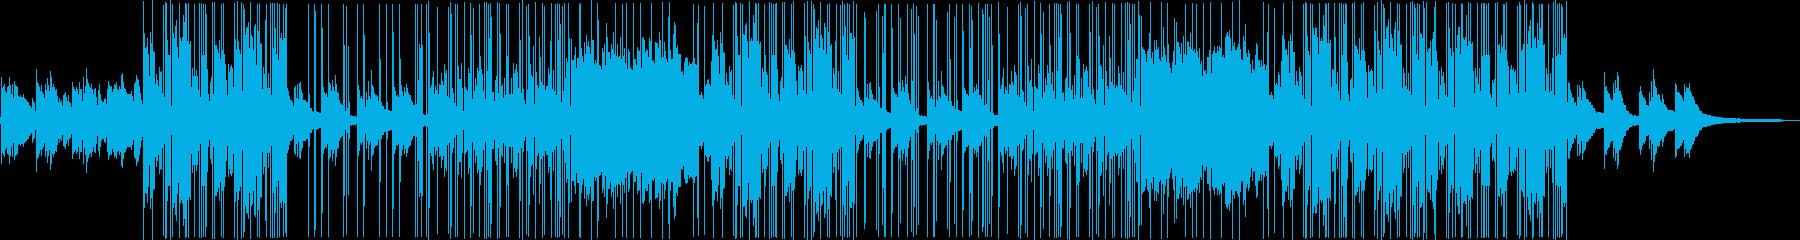 哀愁系の洋楽トラップビートの再生済みの波形